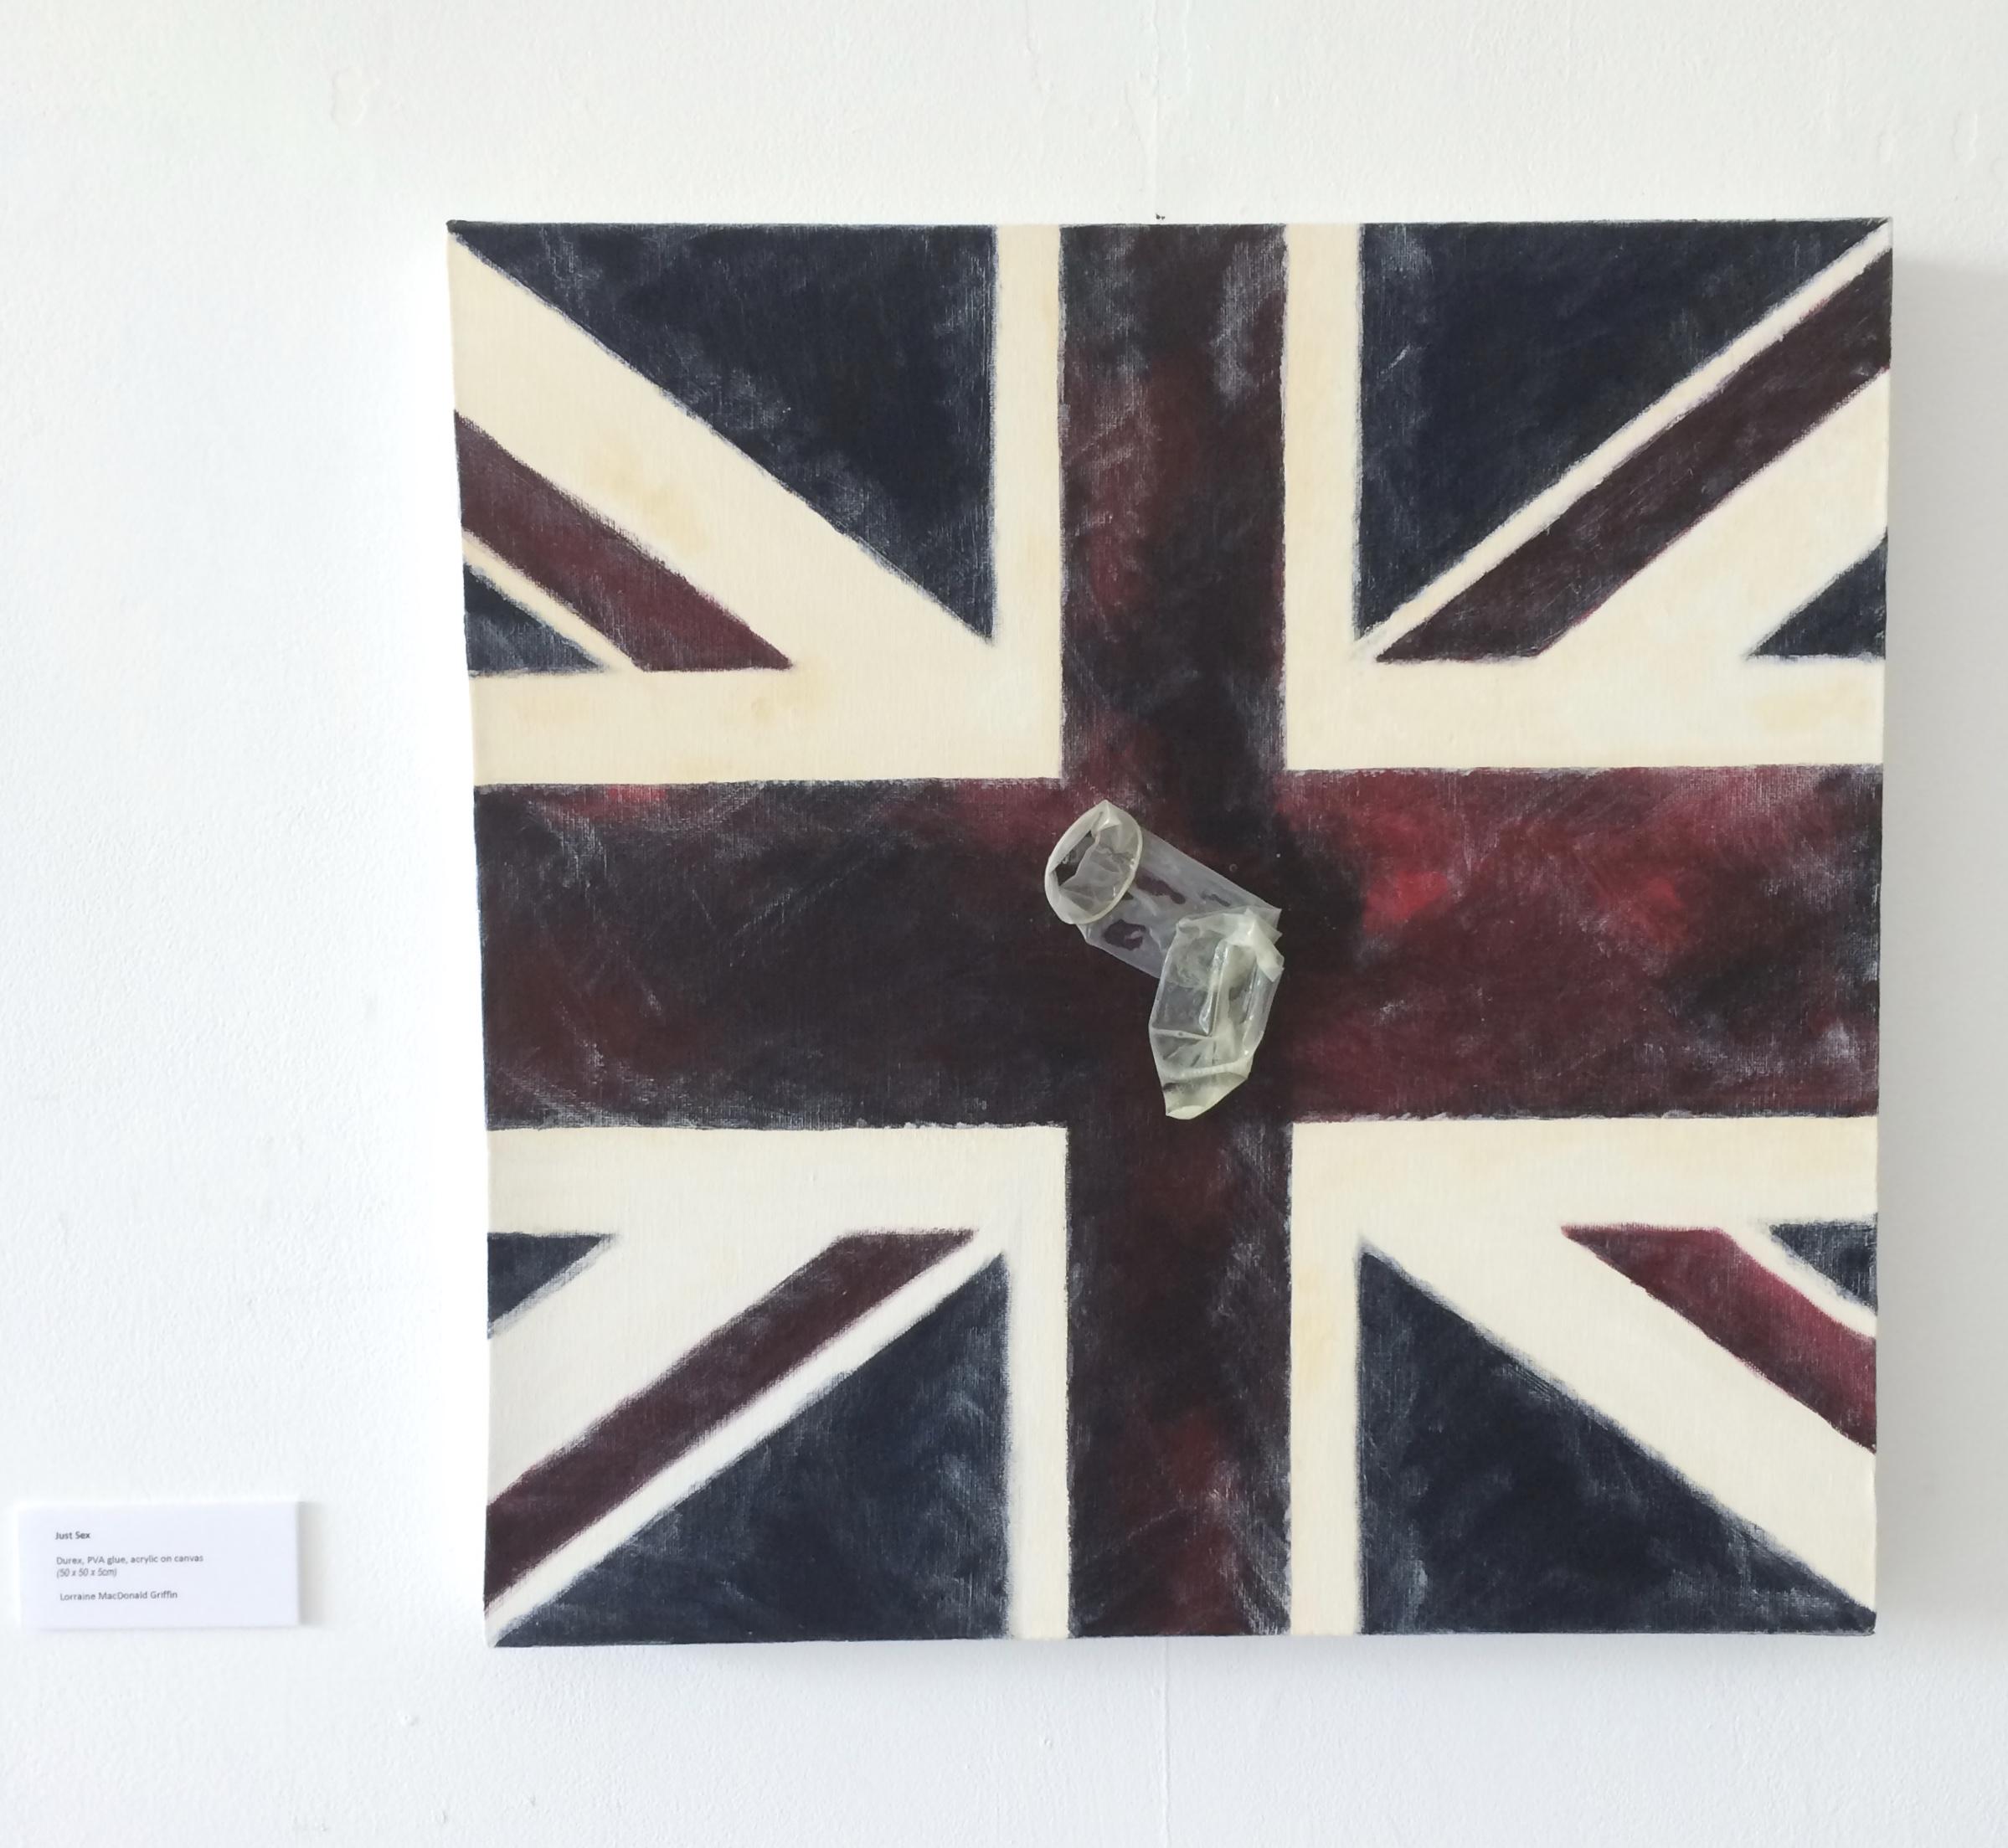 55. Just Sex, Lorraine M Griffin, 50 x 50 x 4, £80